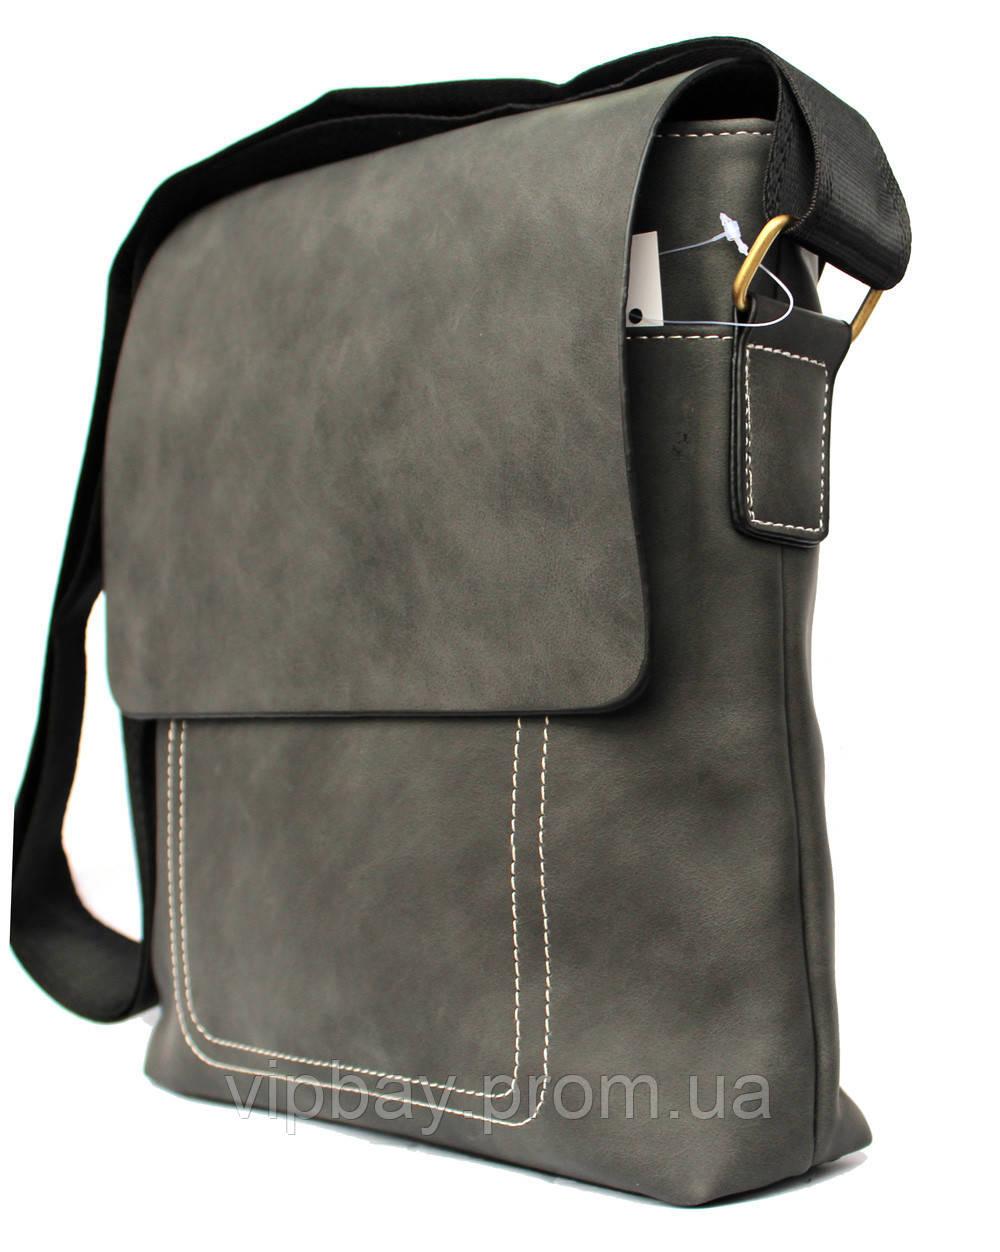 Сучасна сіра сумка для чоловіків через плече (54266н)